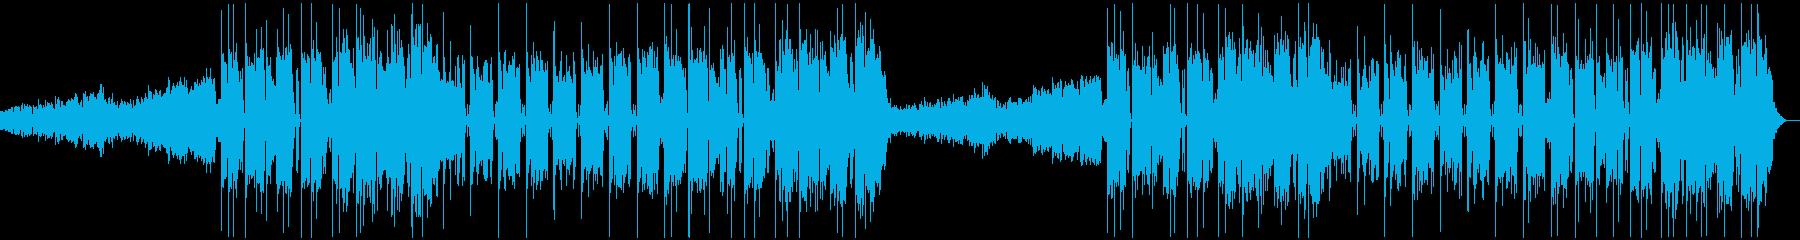 力強いサウンドのフューチャーベースの再生済みの波形